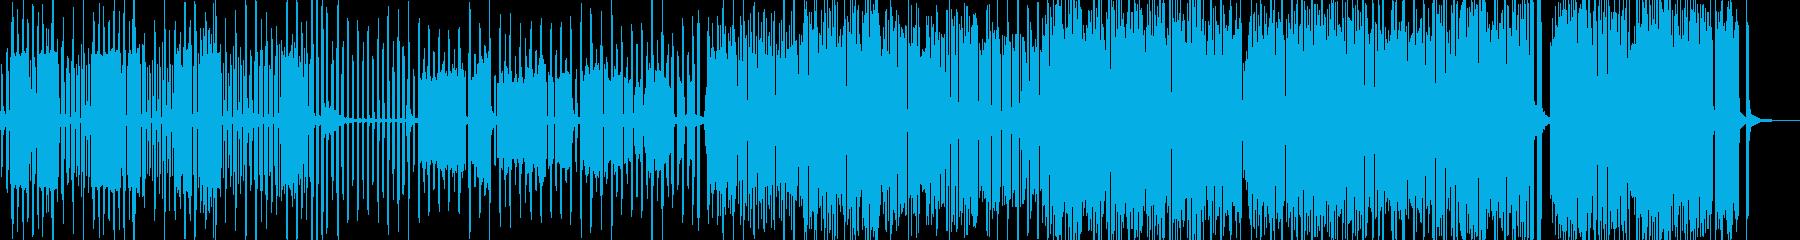 後ろめたい感情を描いたコミカルポップの再生済みの波形